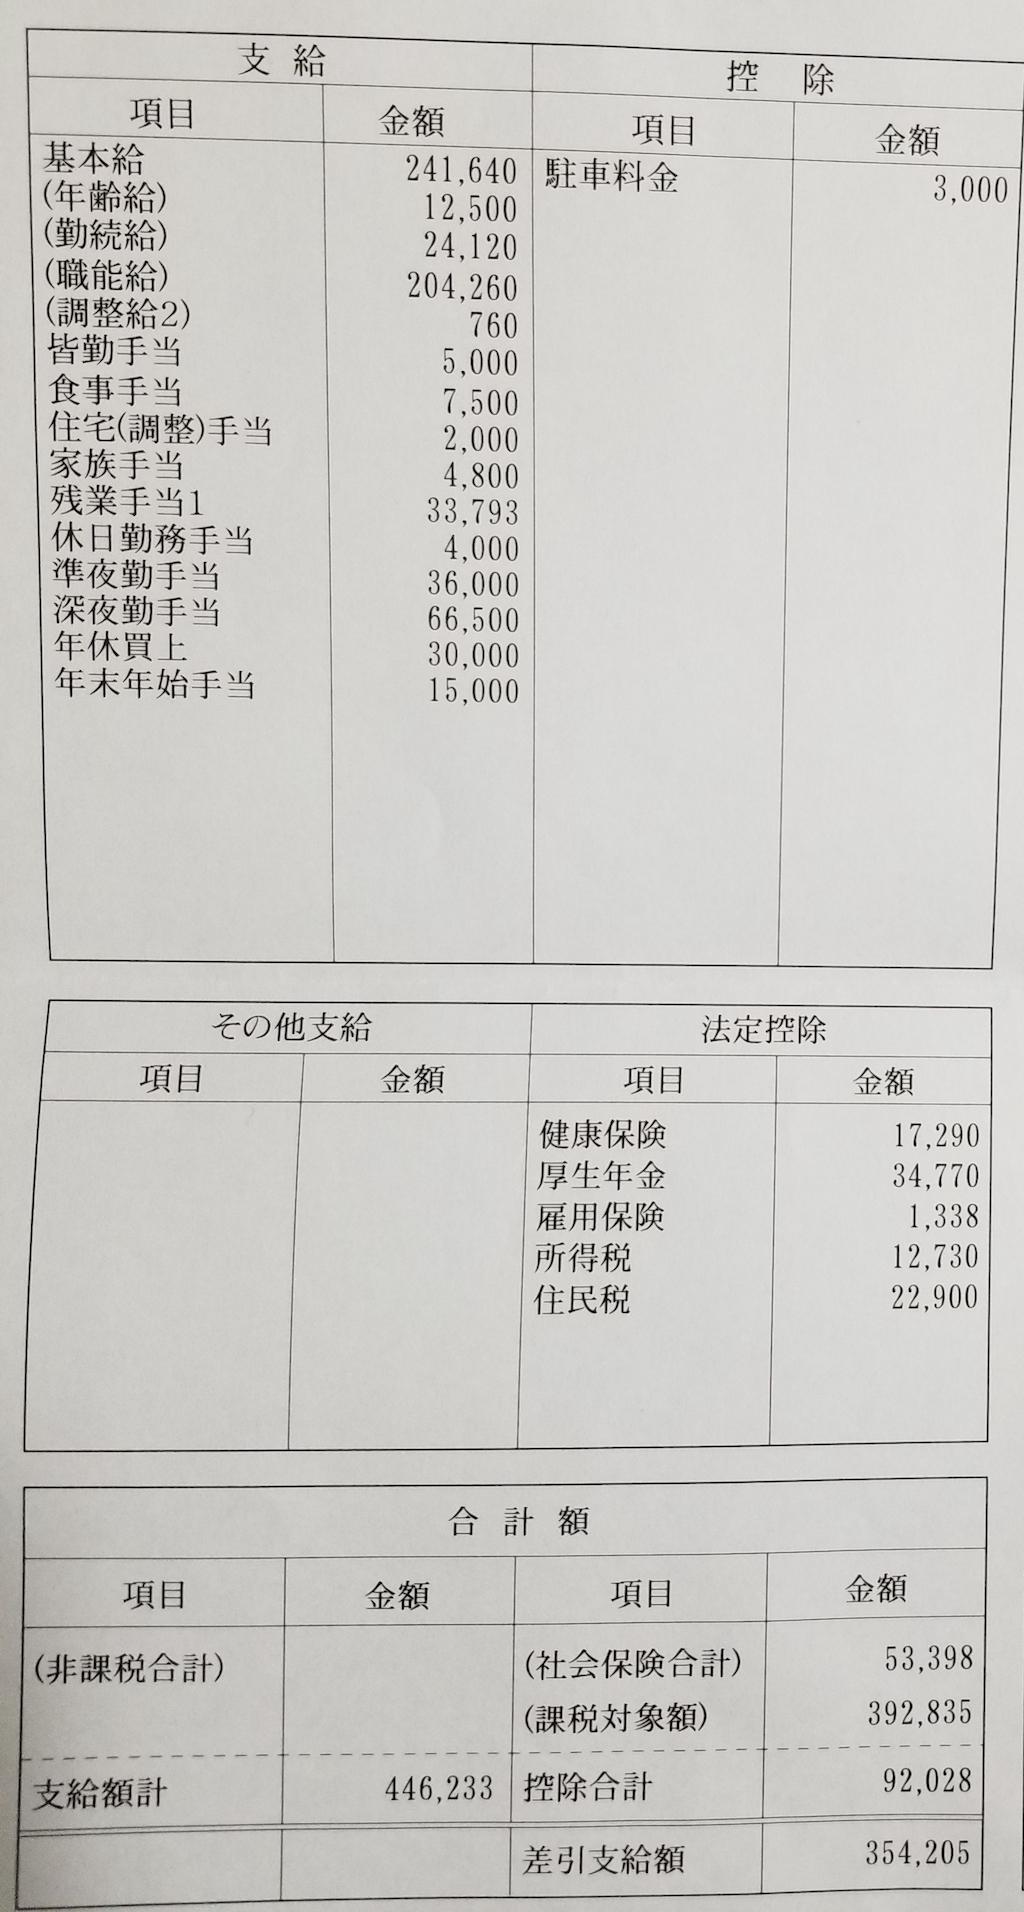 東大和病院・看護師の給与明細【ガチ画像】・給料・評判・口コミ・ボーナス・年収